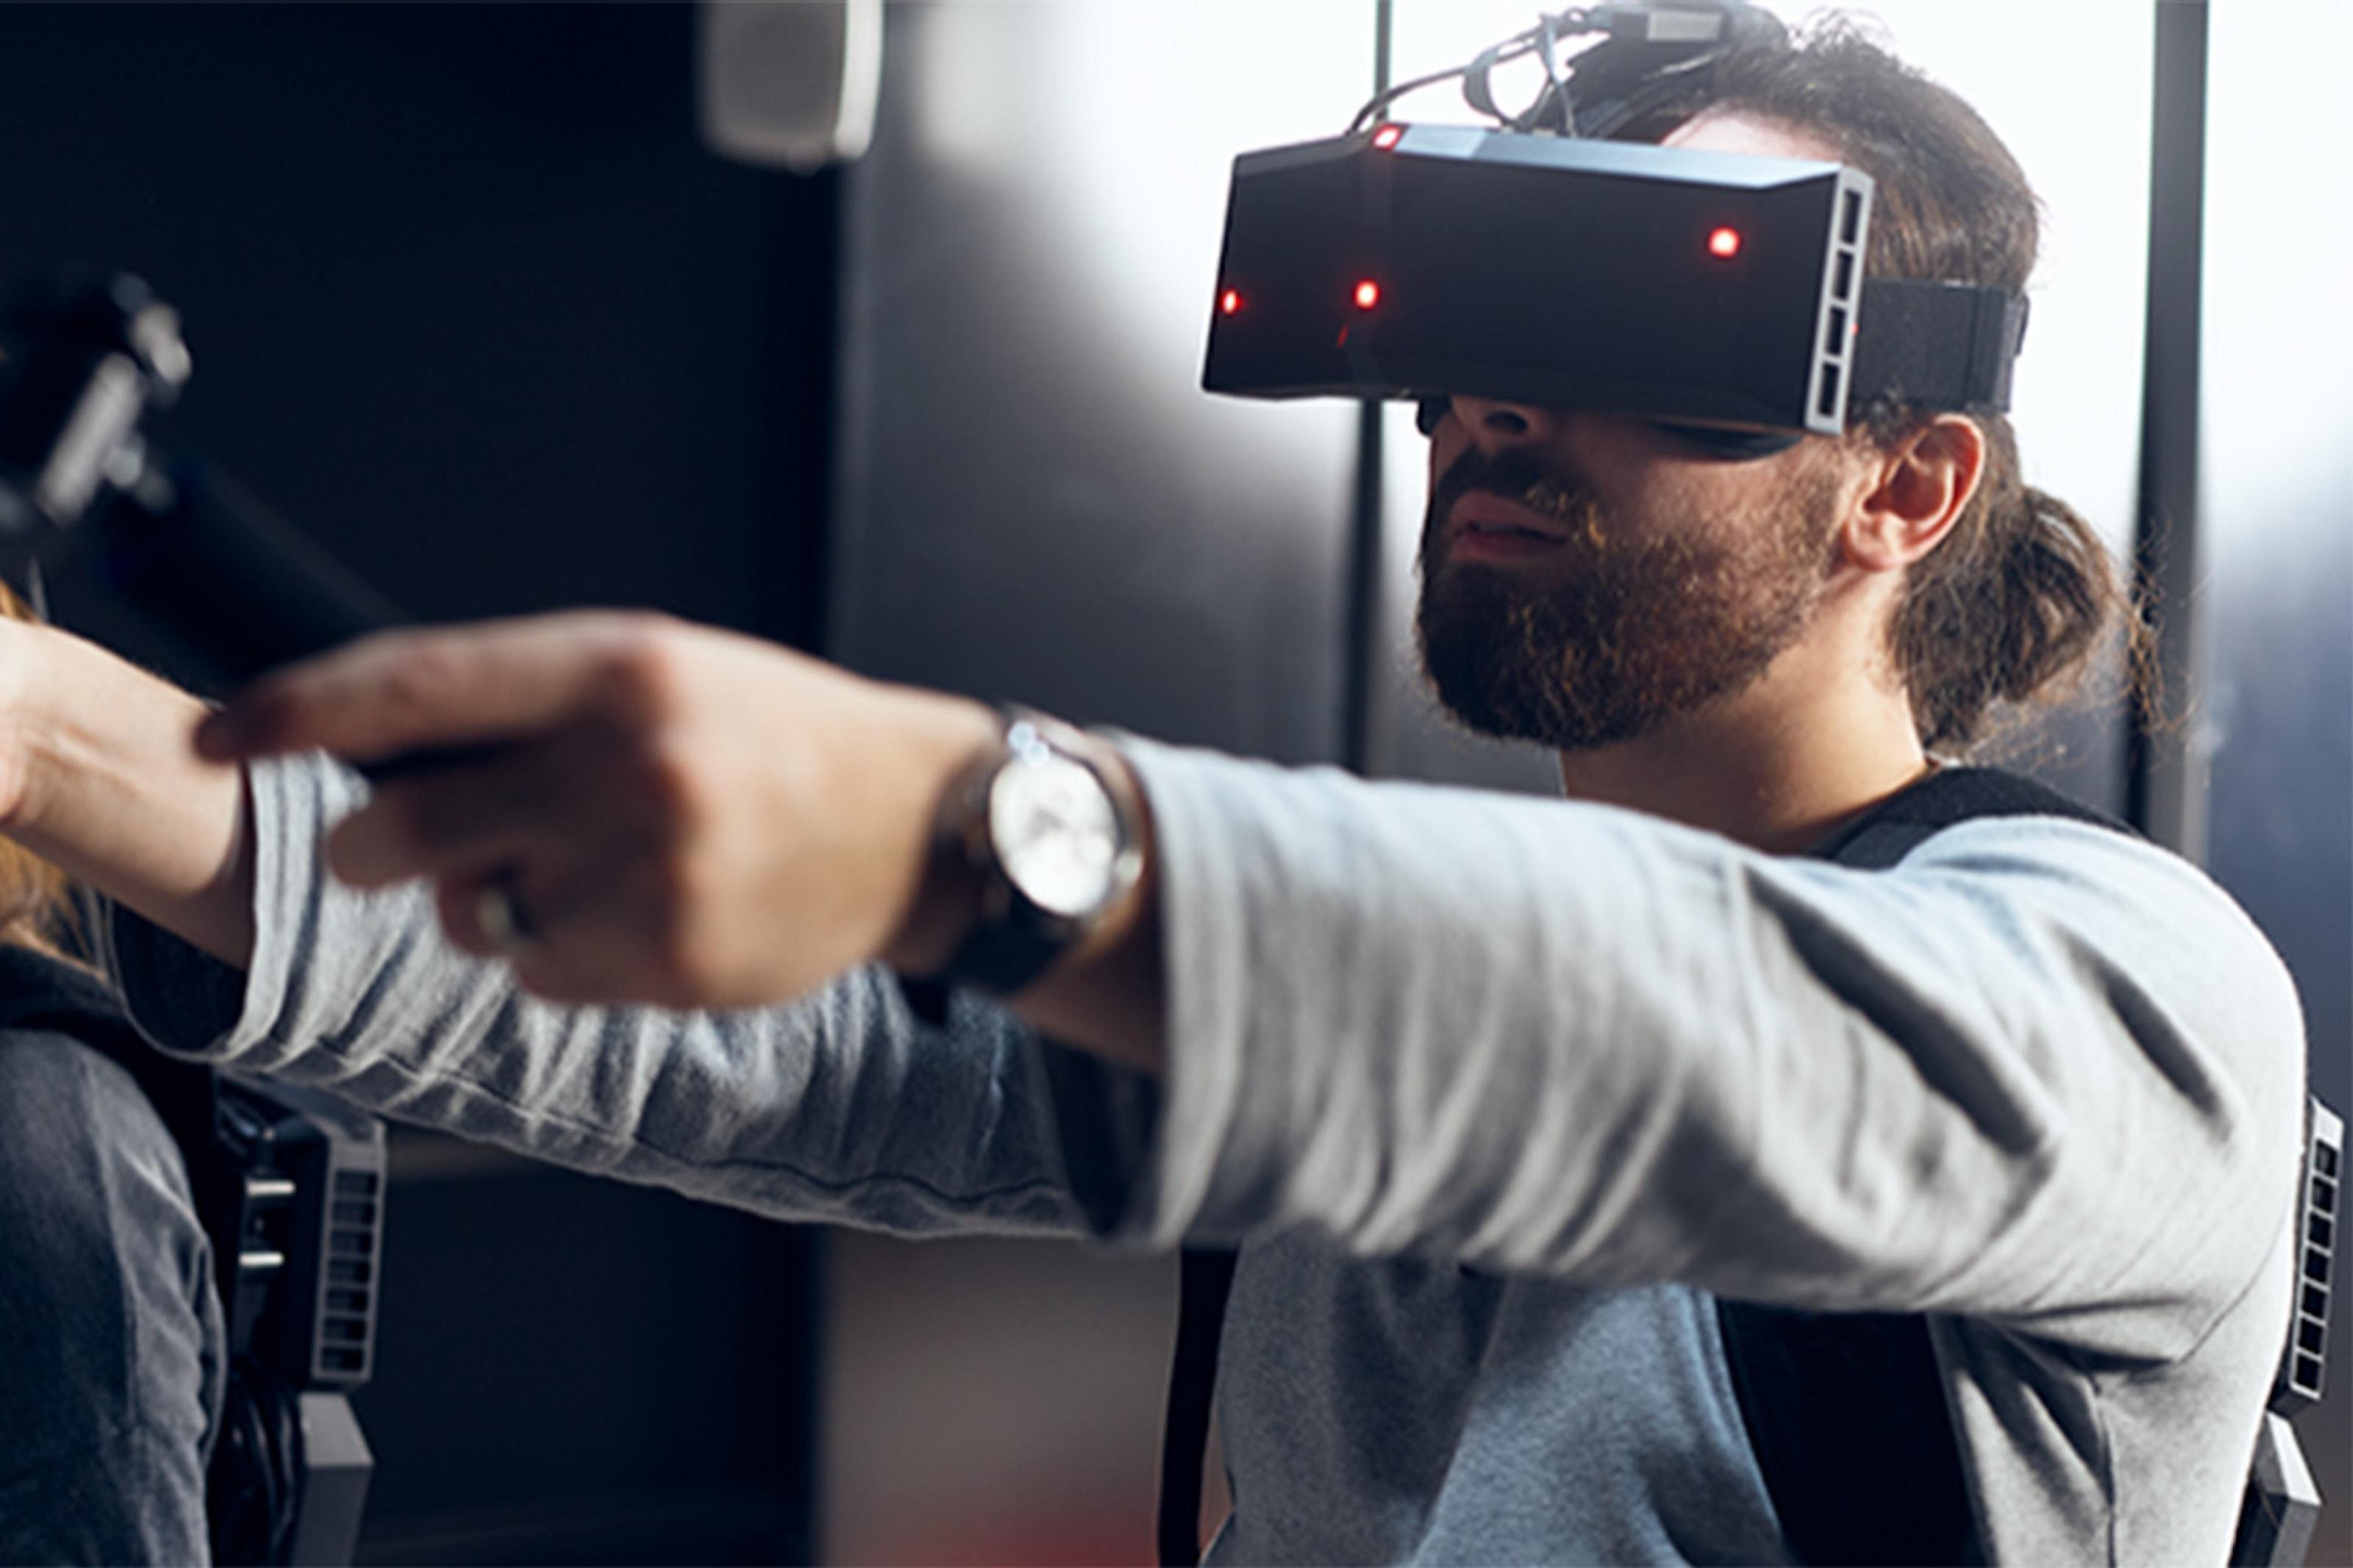 Middag & VR-spel för 2 eller 4 personer